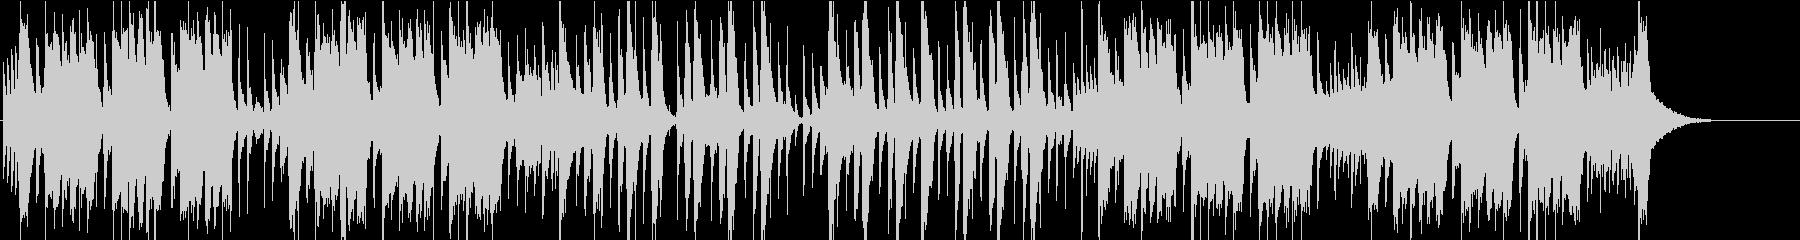 コミカルでゴリゴリのギターロックの未再生の波形